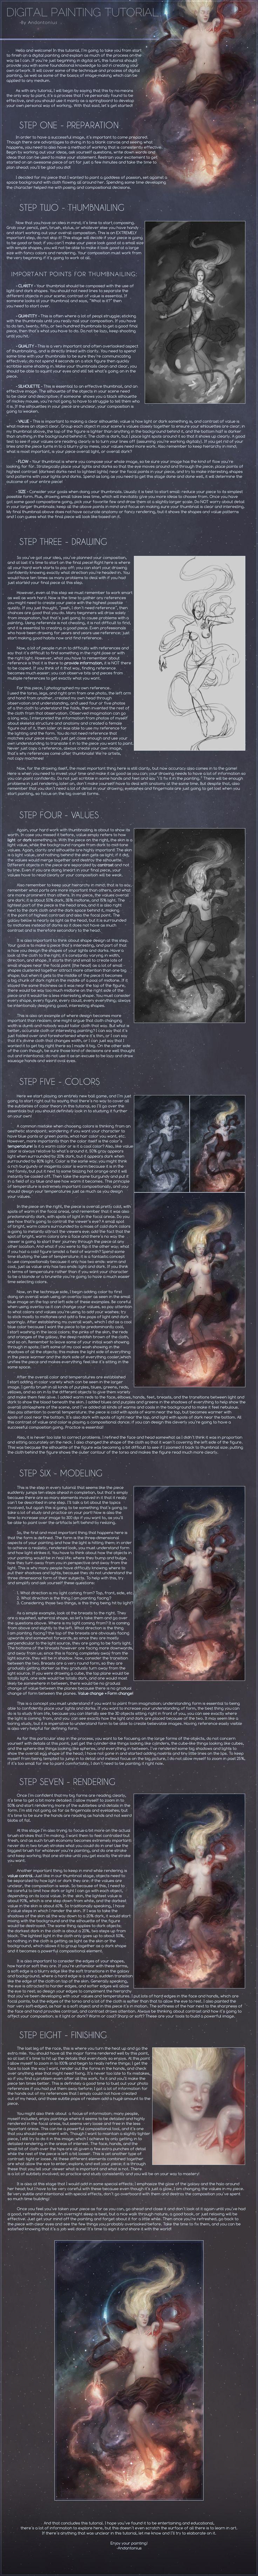 Digital Painting Tutorial by Andantonius.deviantart.com on @deviantART